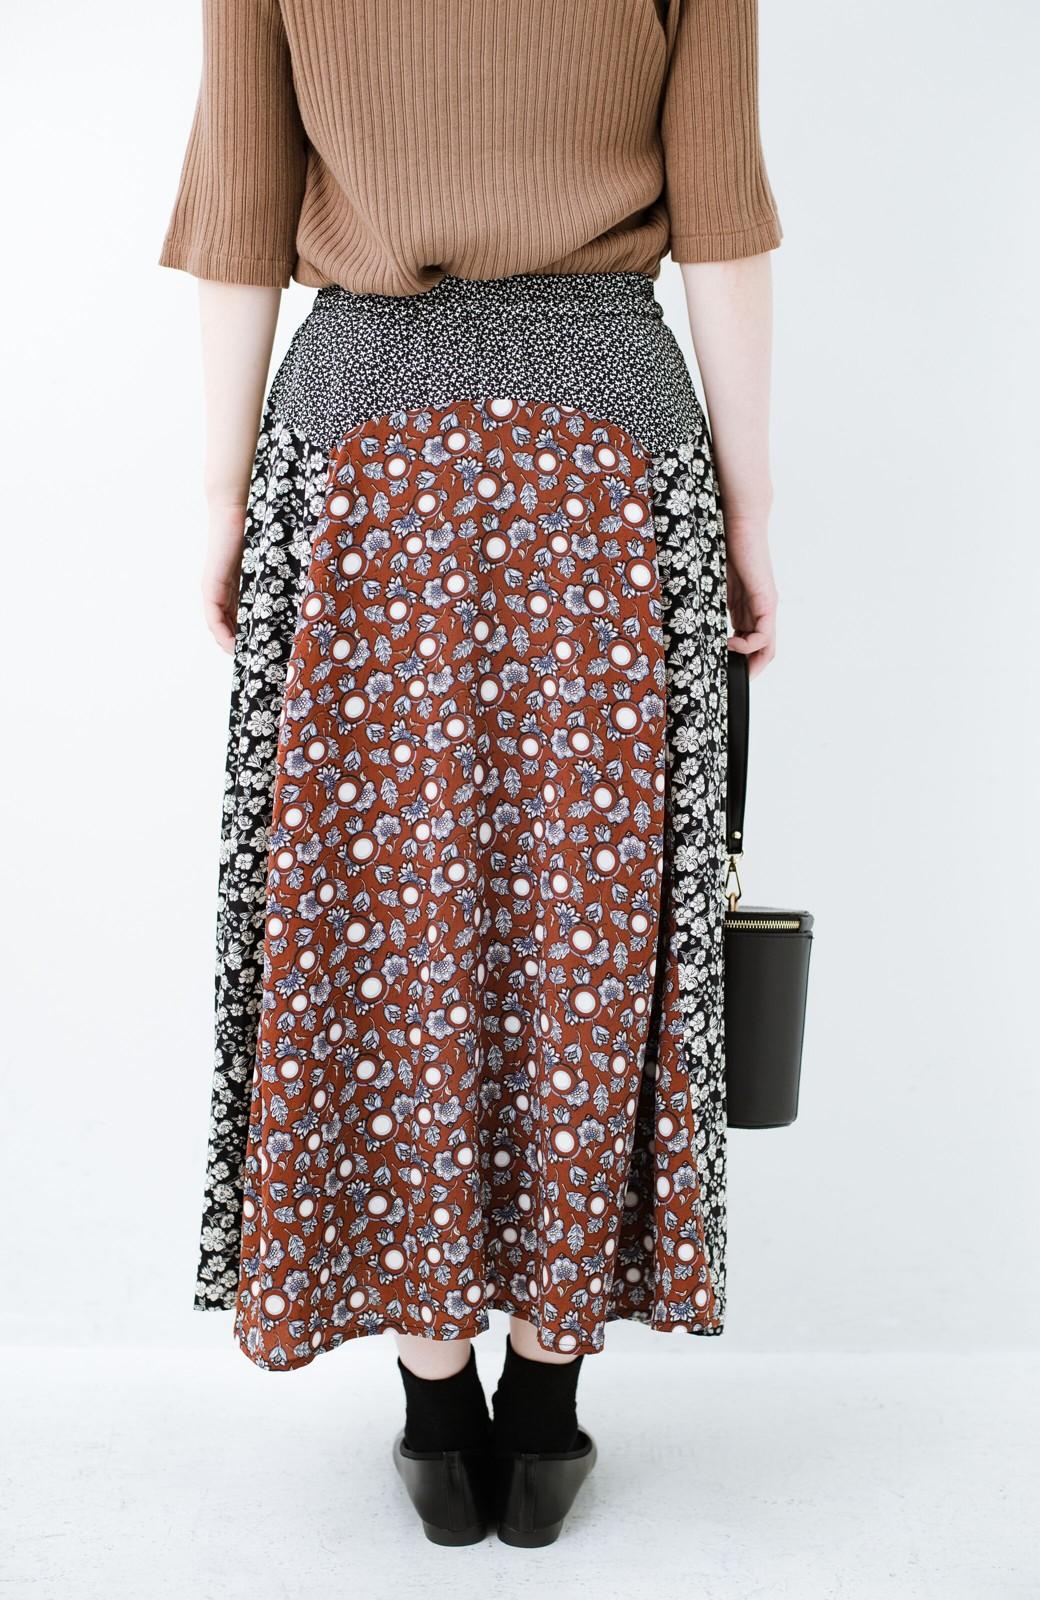 haco! 【洗濯機洗いOK】シンプルなトップスに合わせるだけでかわいくなれる MIX柄スカート <ブラックミックス>の商品写真8